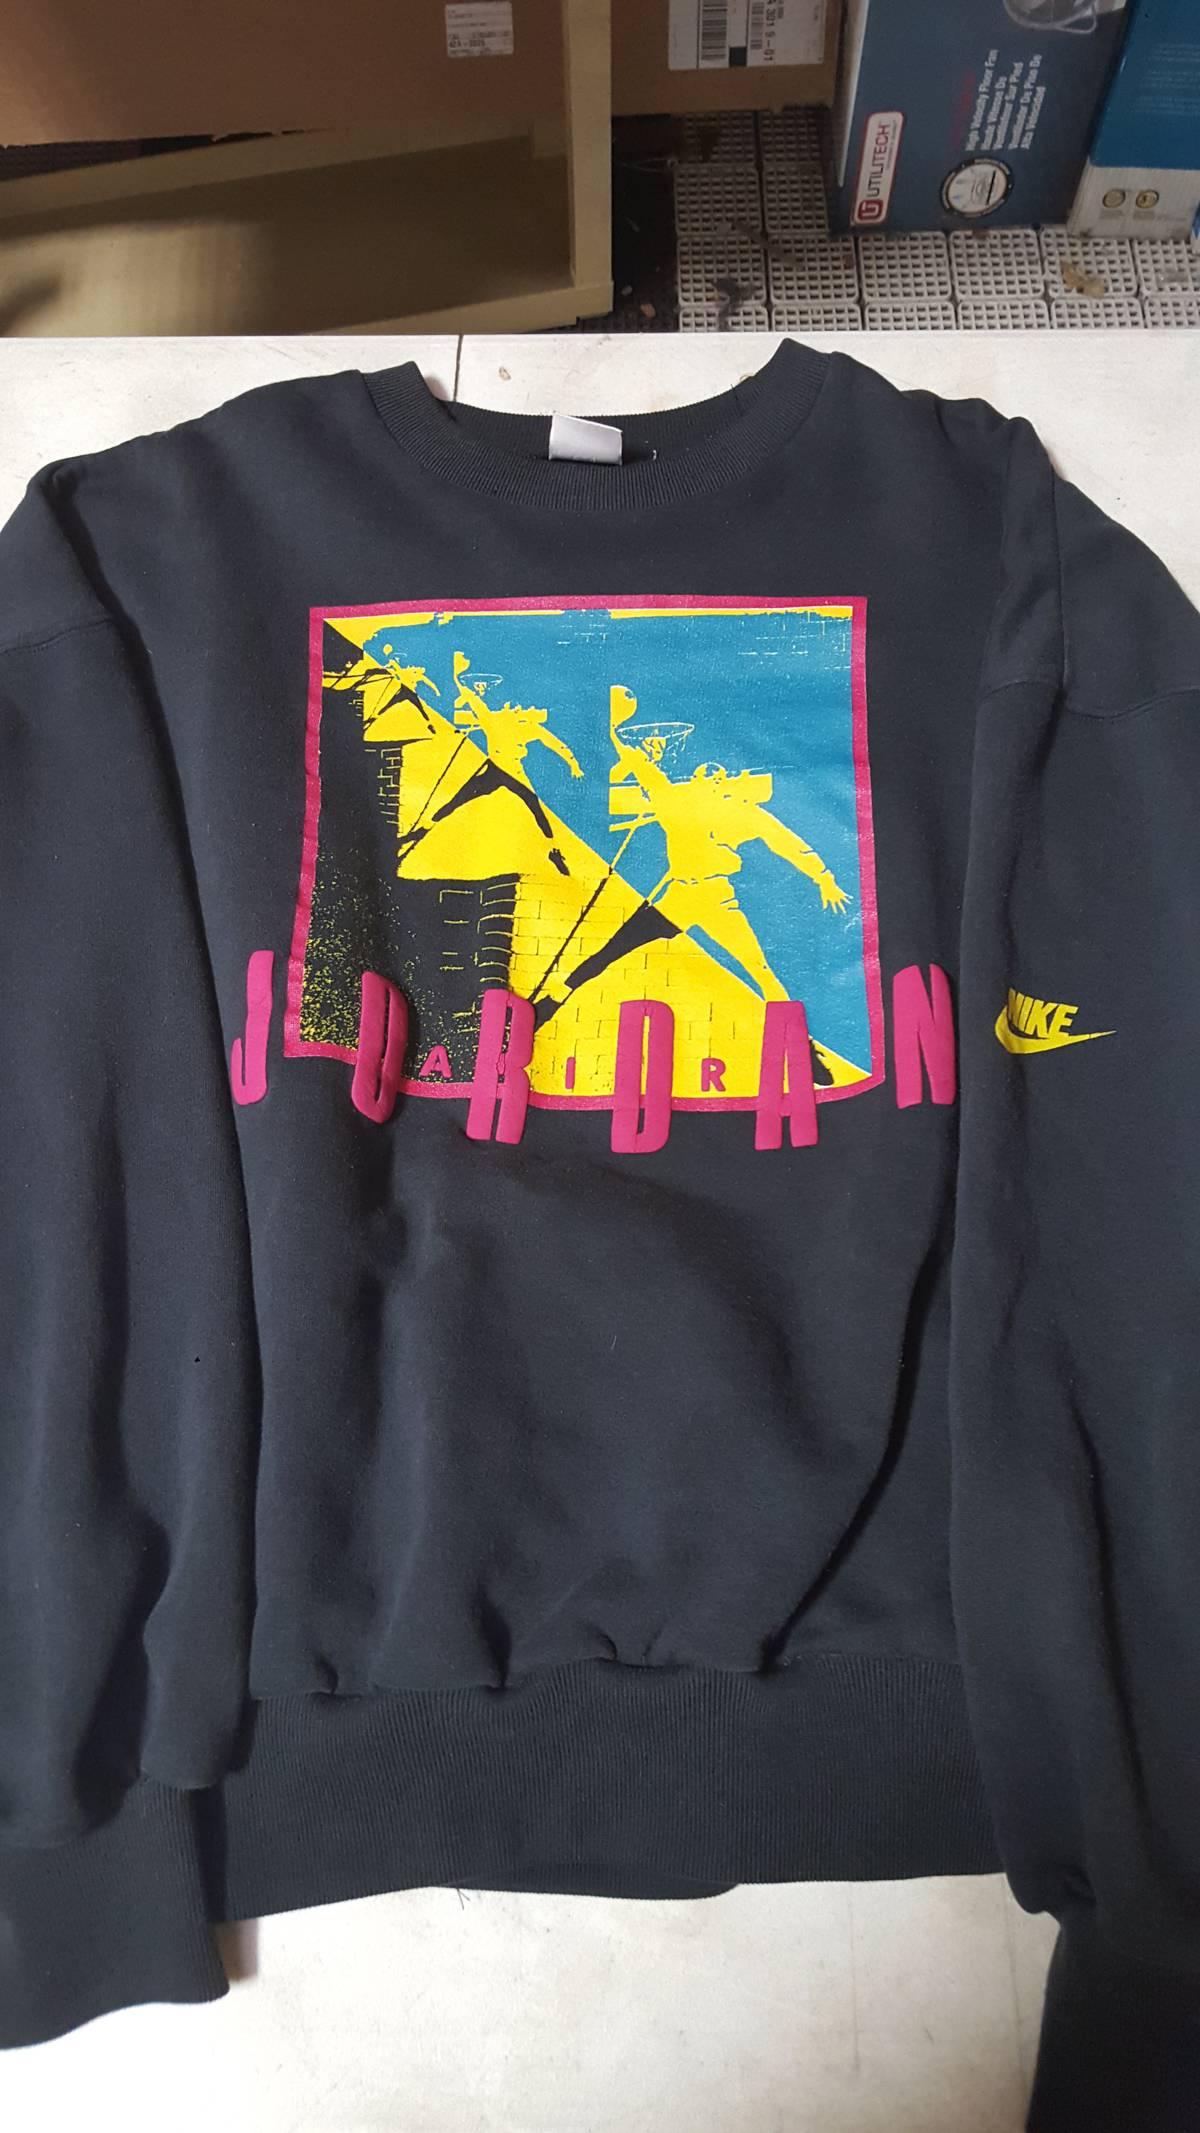 573dc921c6c82d Nike ×. Vintage Air Jordan Sweatshirt